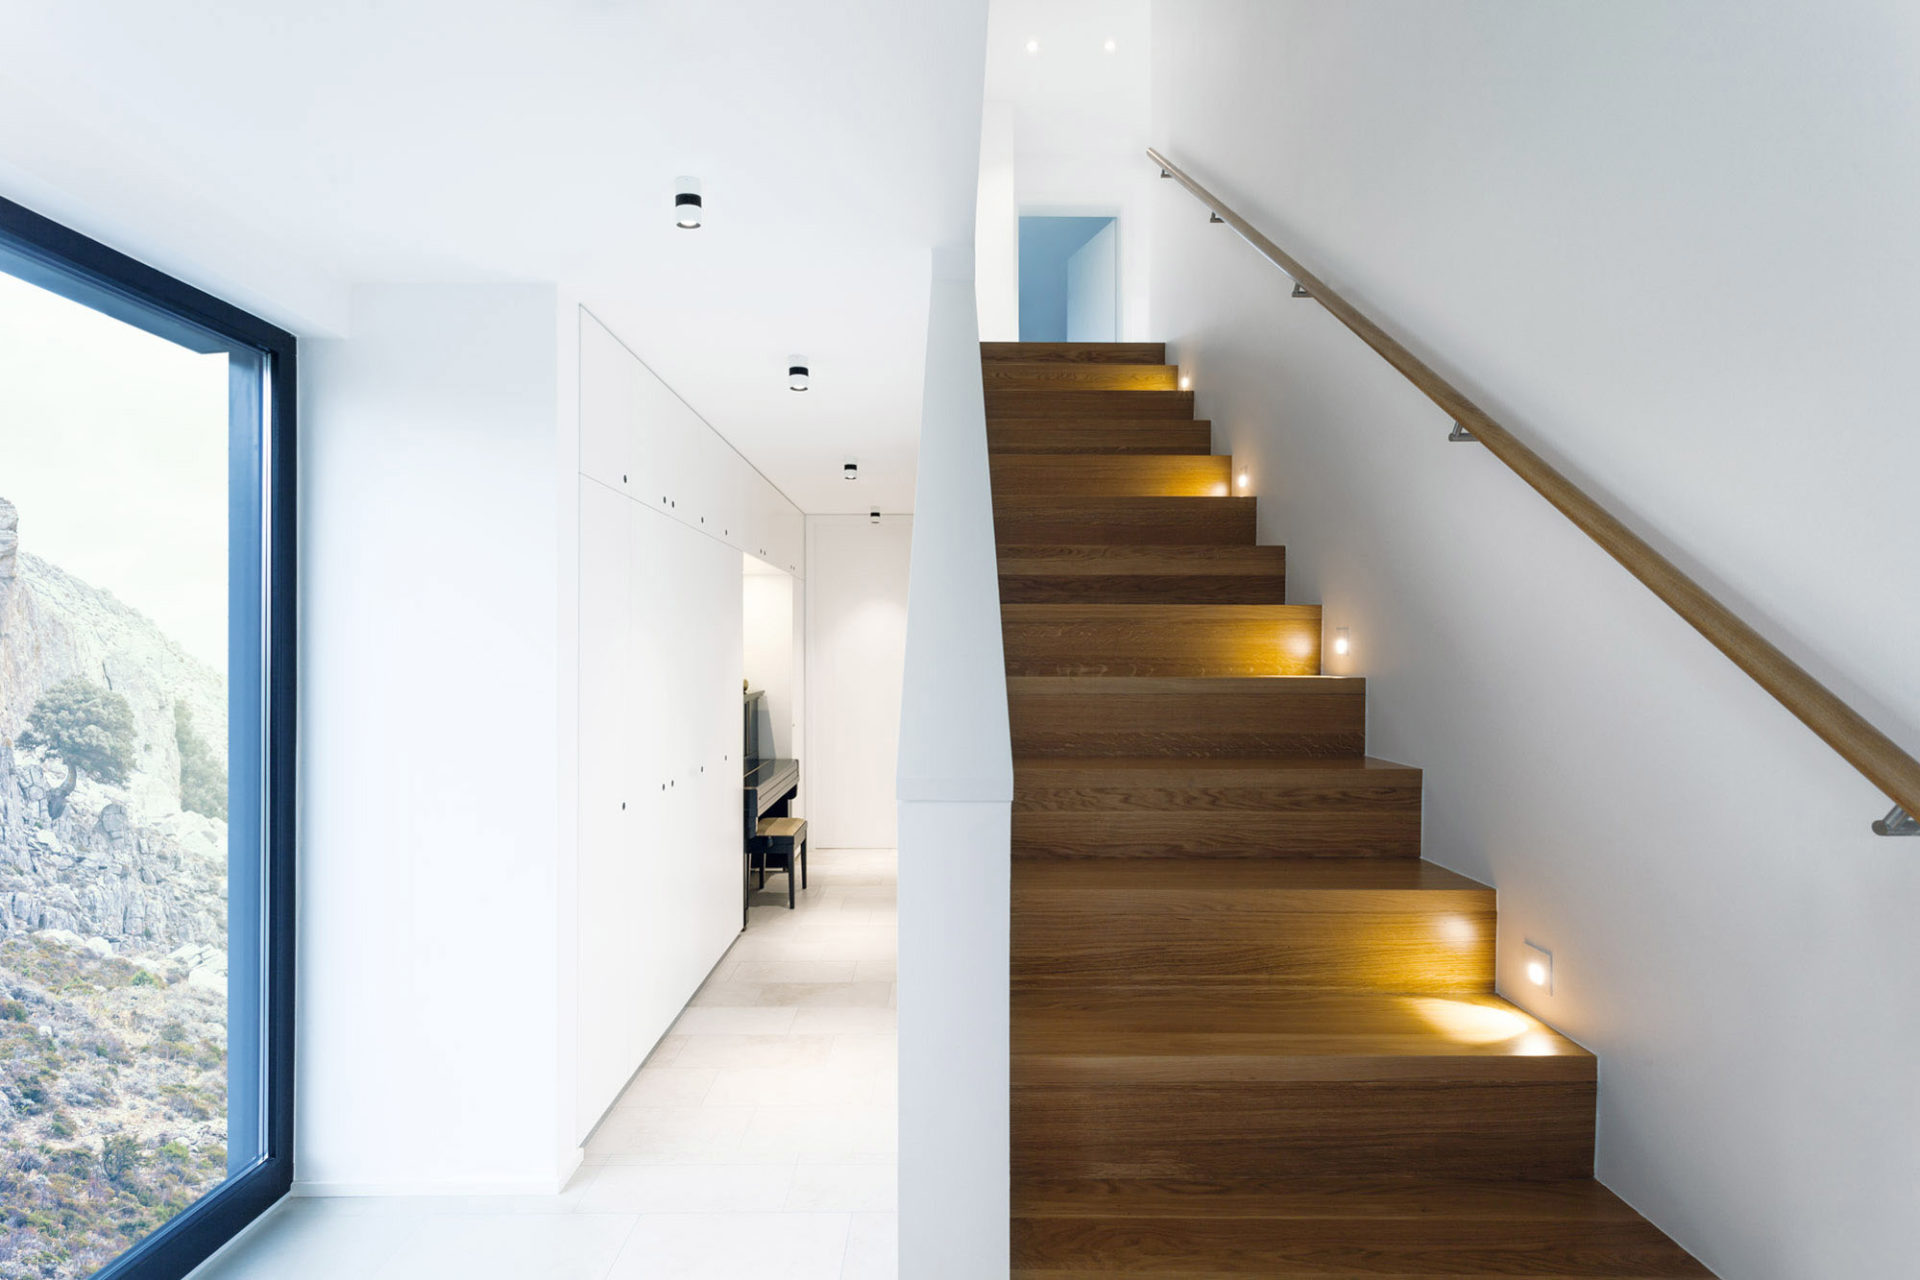 design-holz-treppe-beleuchtung-brumberg-modern-innenarchitektur